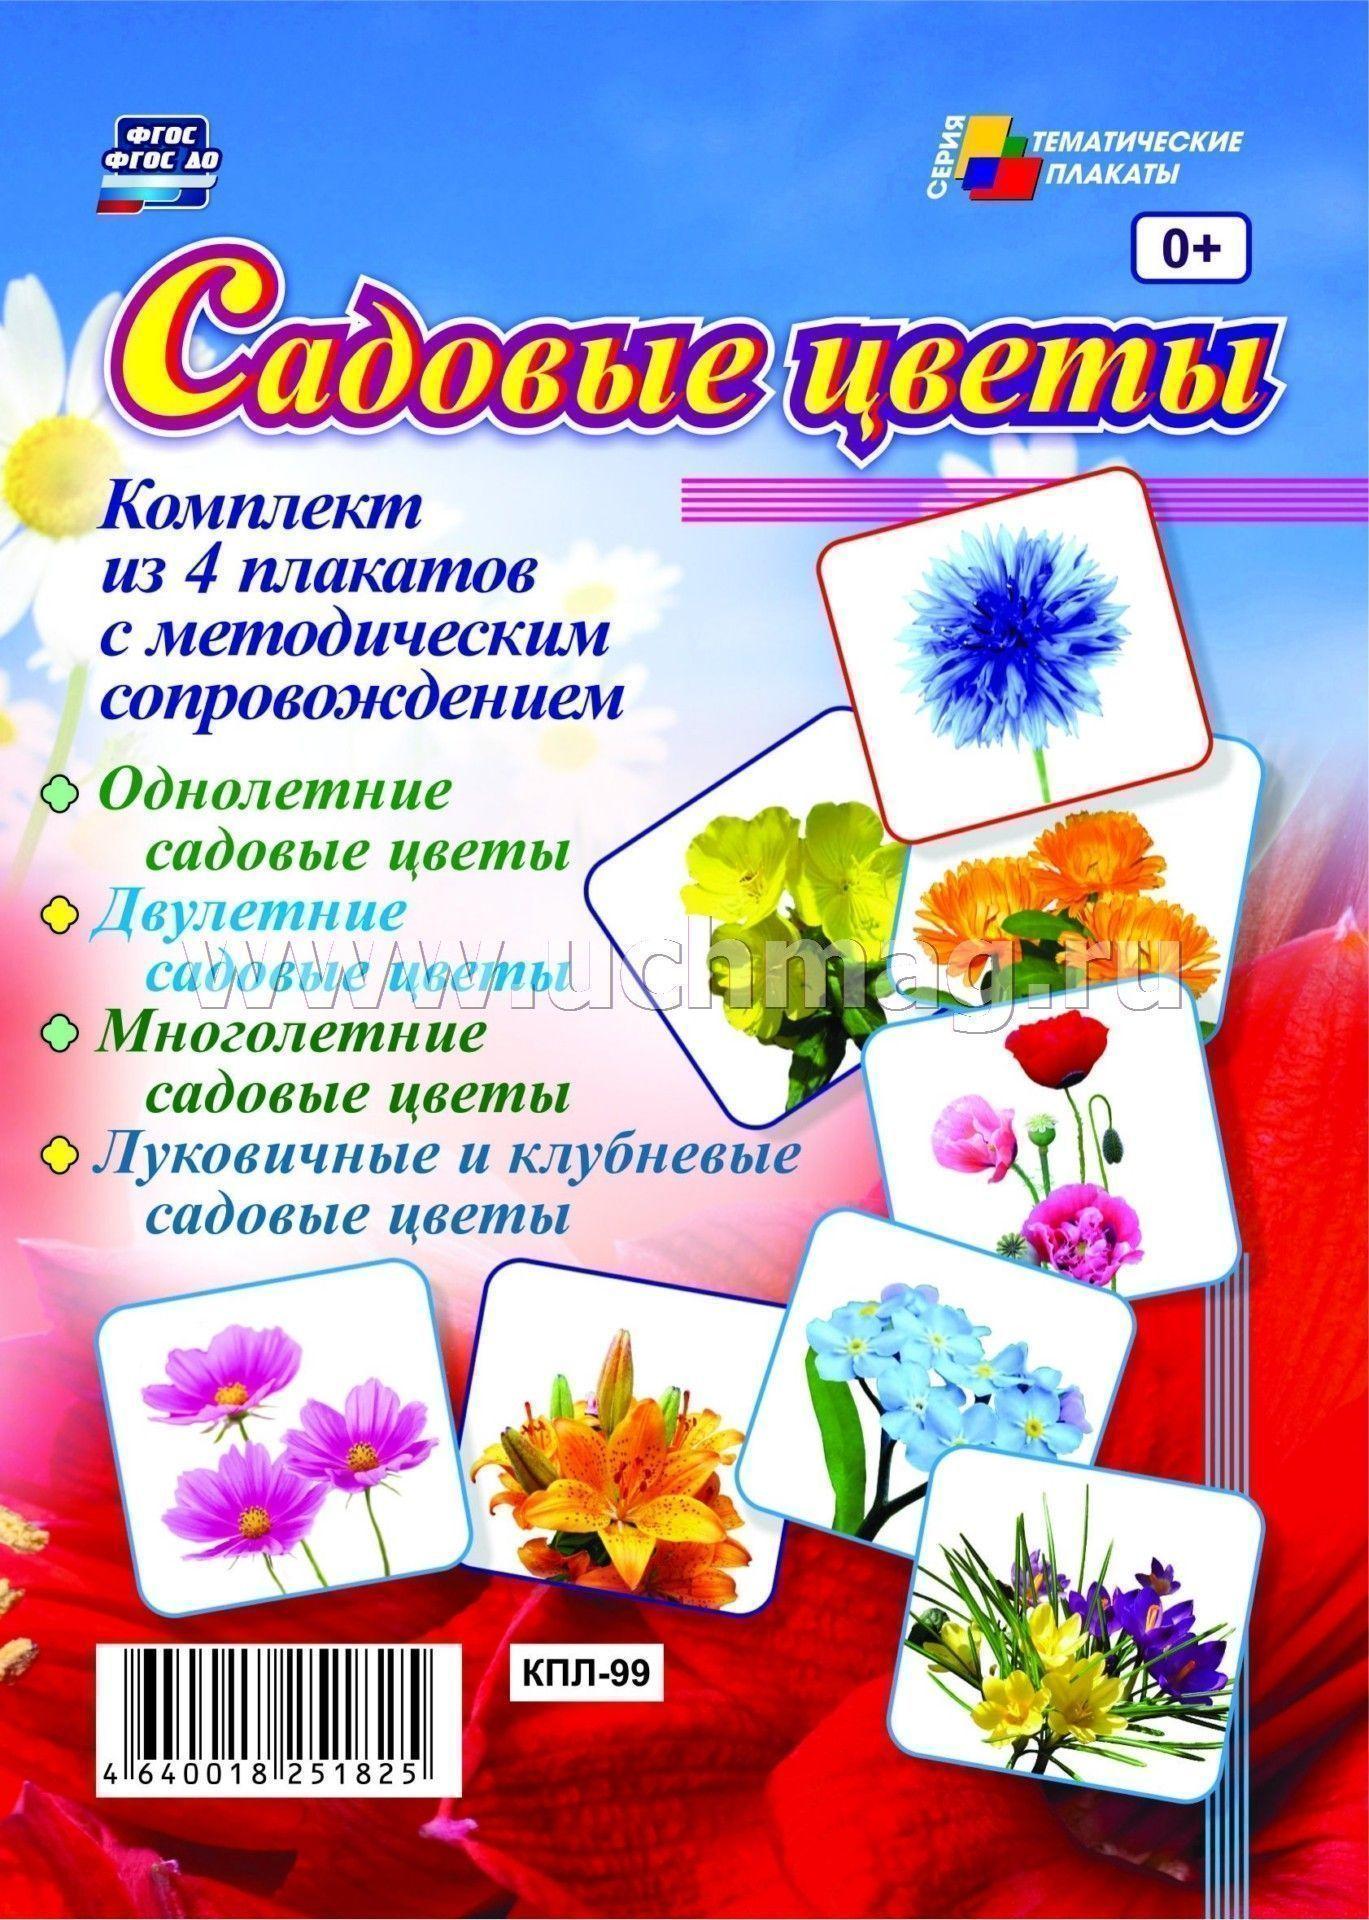 mir-uvlecheniy-g-moskva-magazin-tsvetov